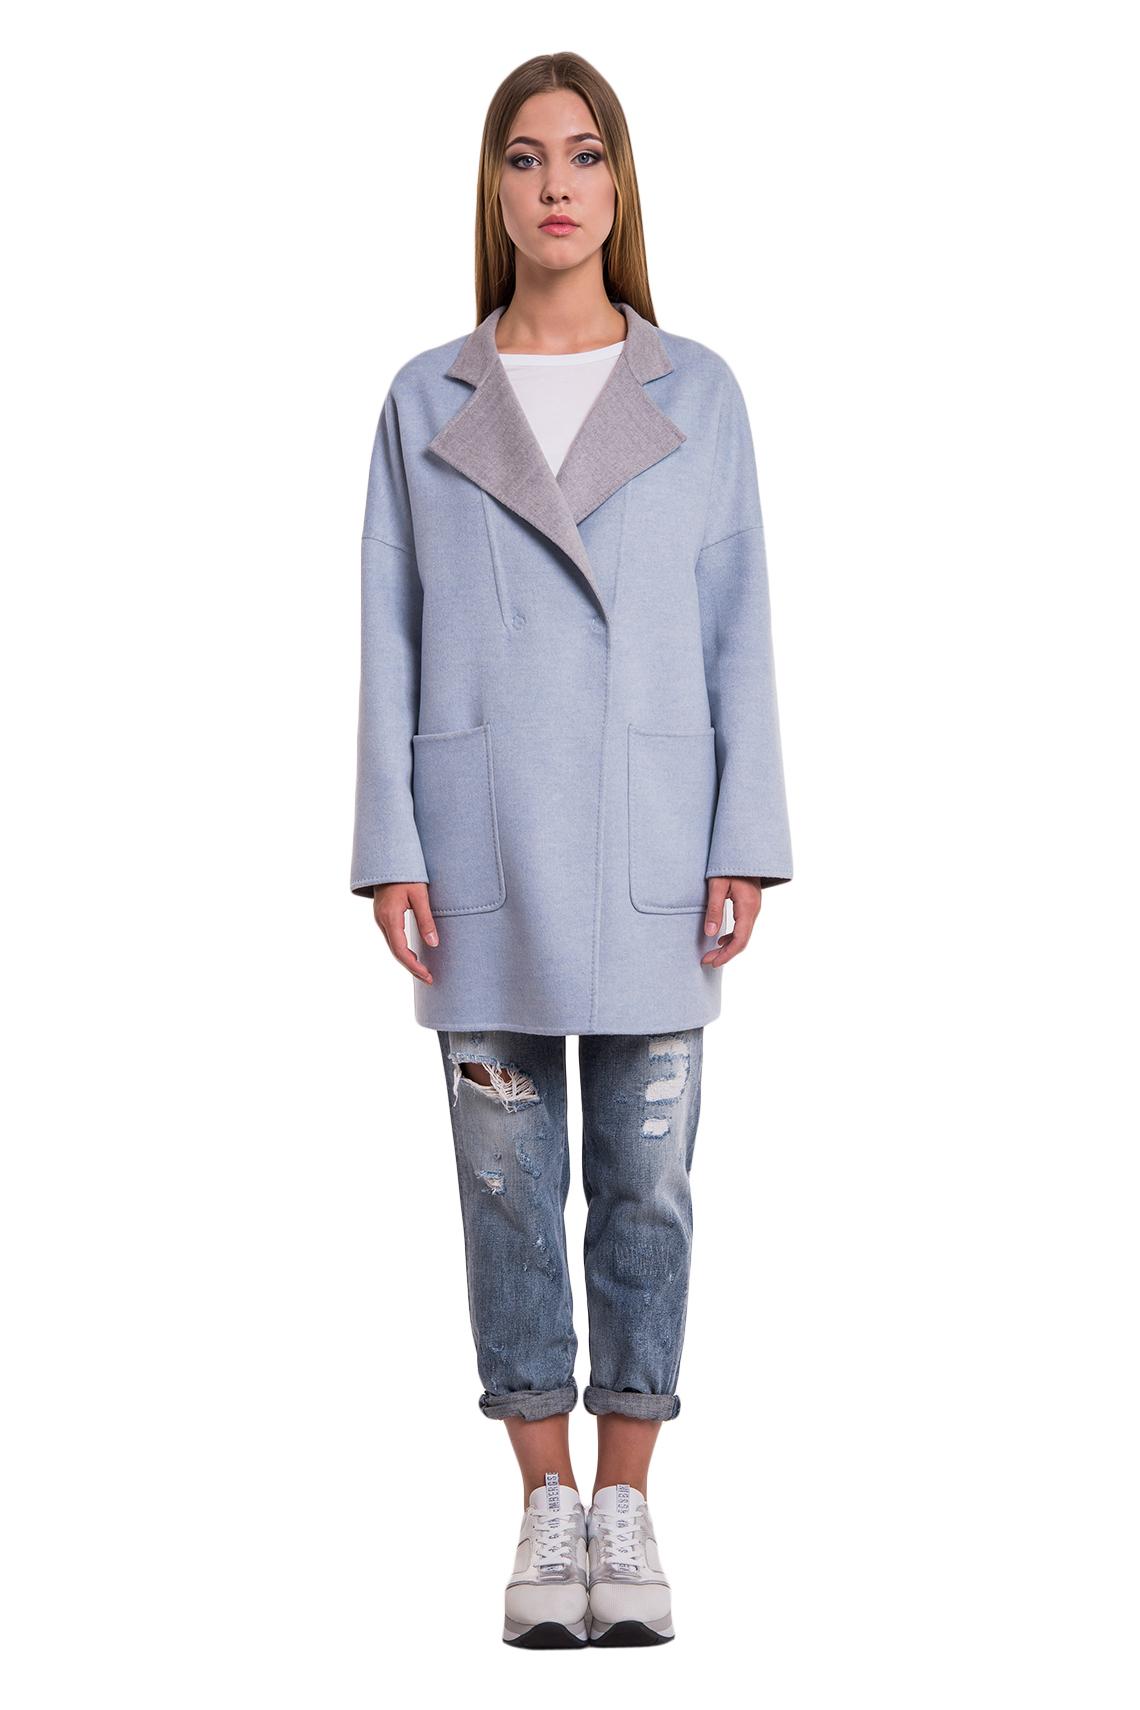 Женское пальто из кашемира Manzoni24 арт. 16M890b. Фото 1